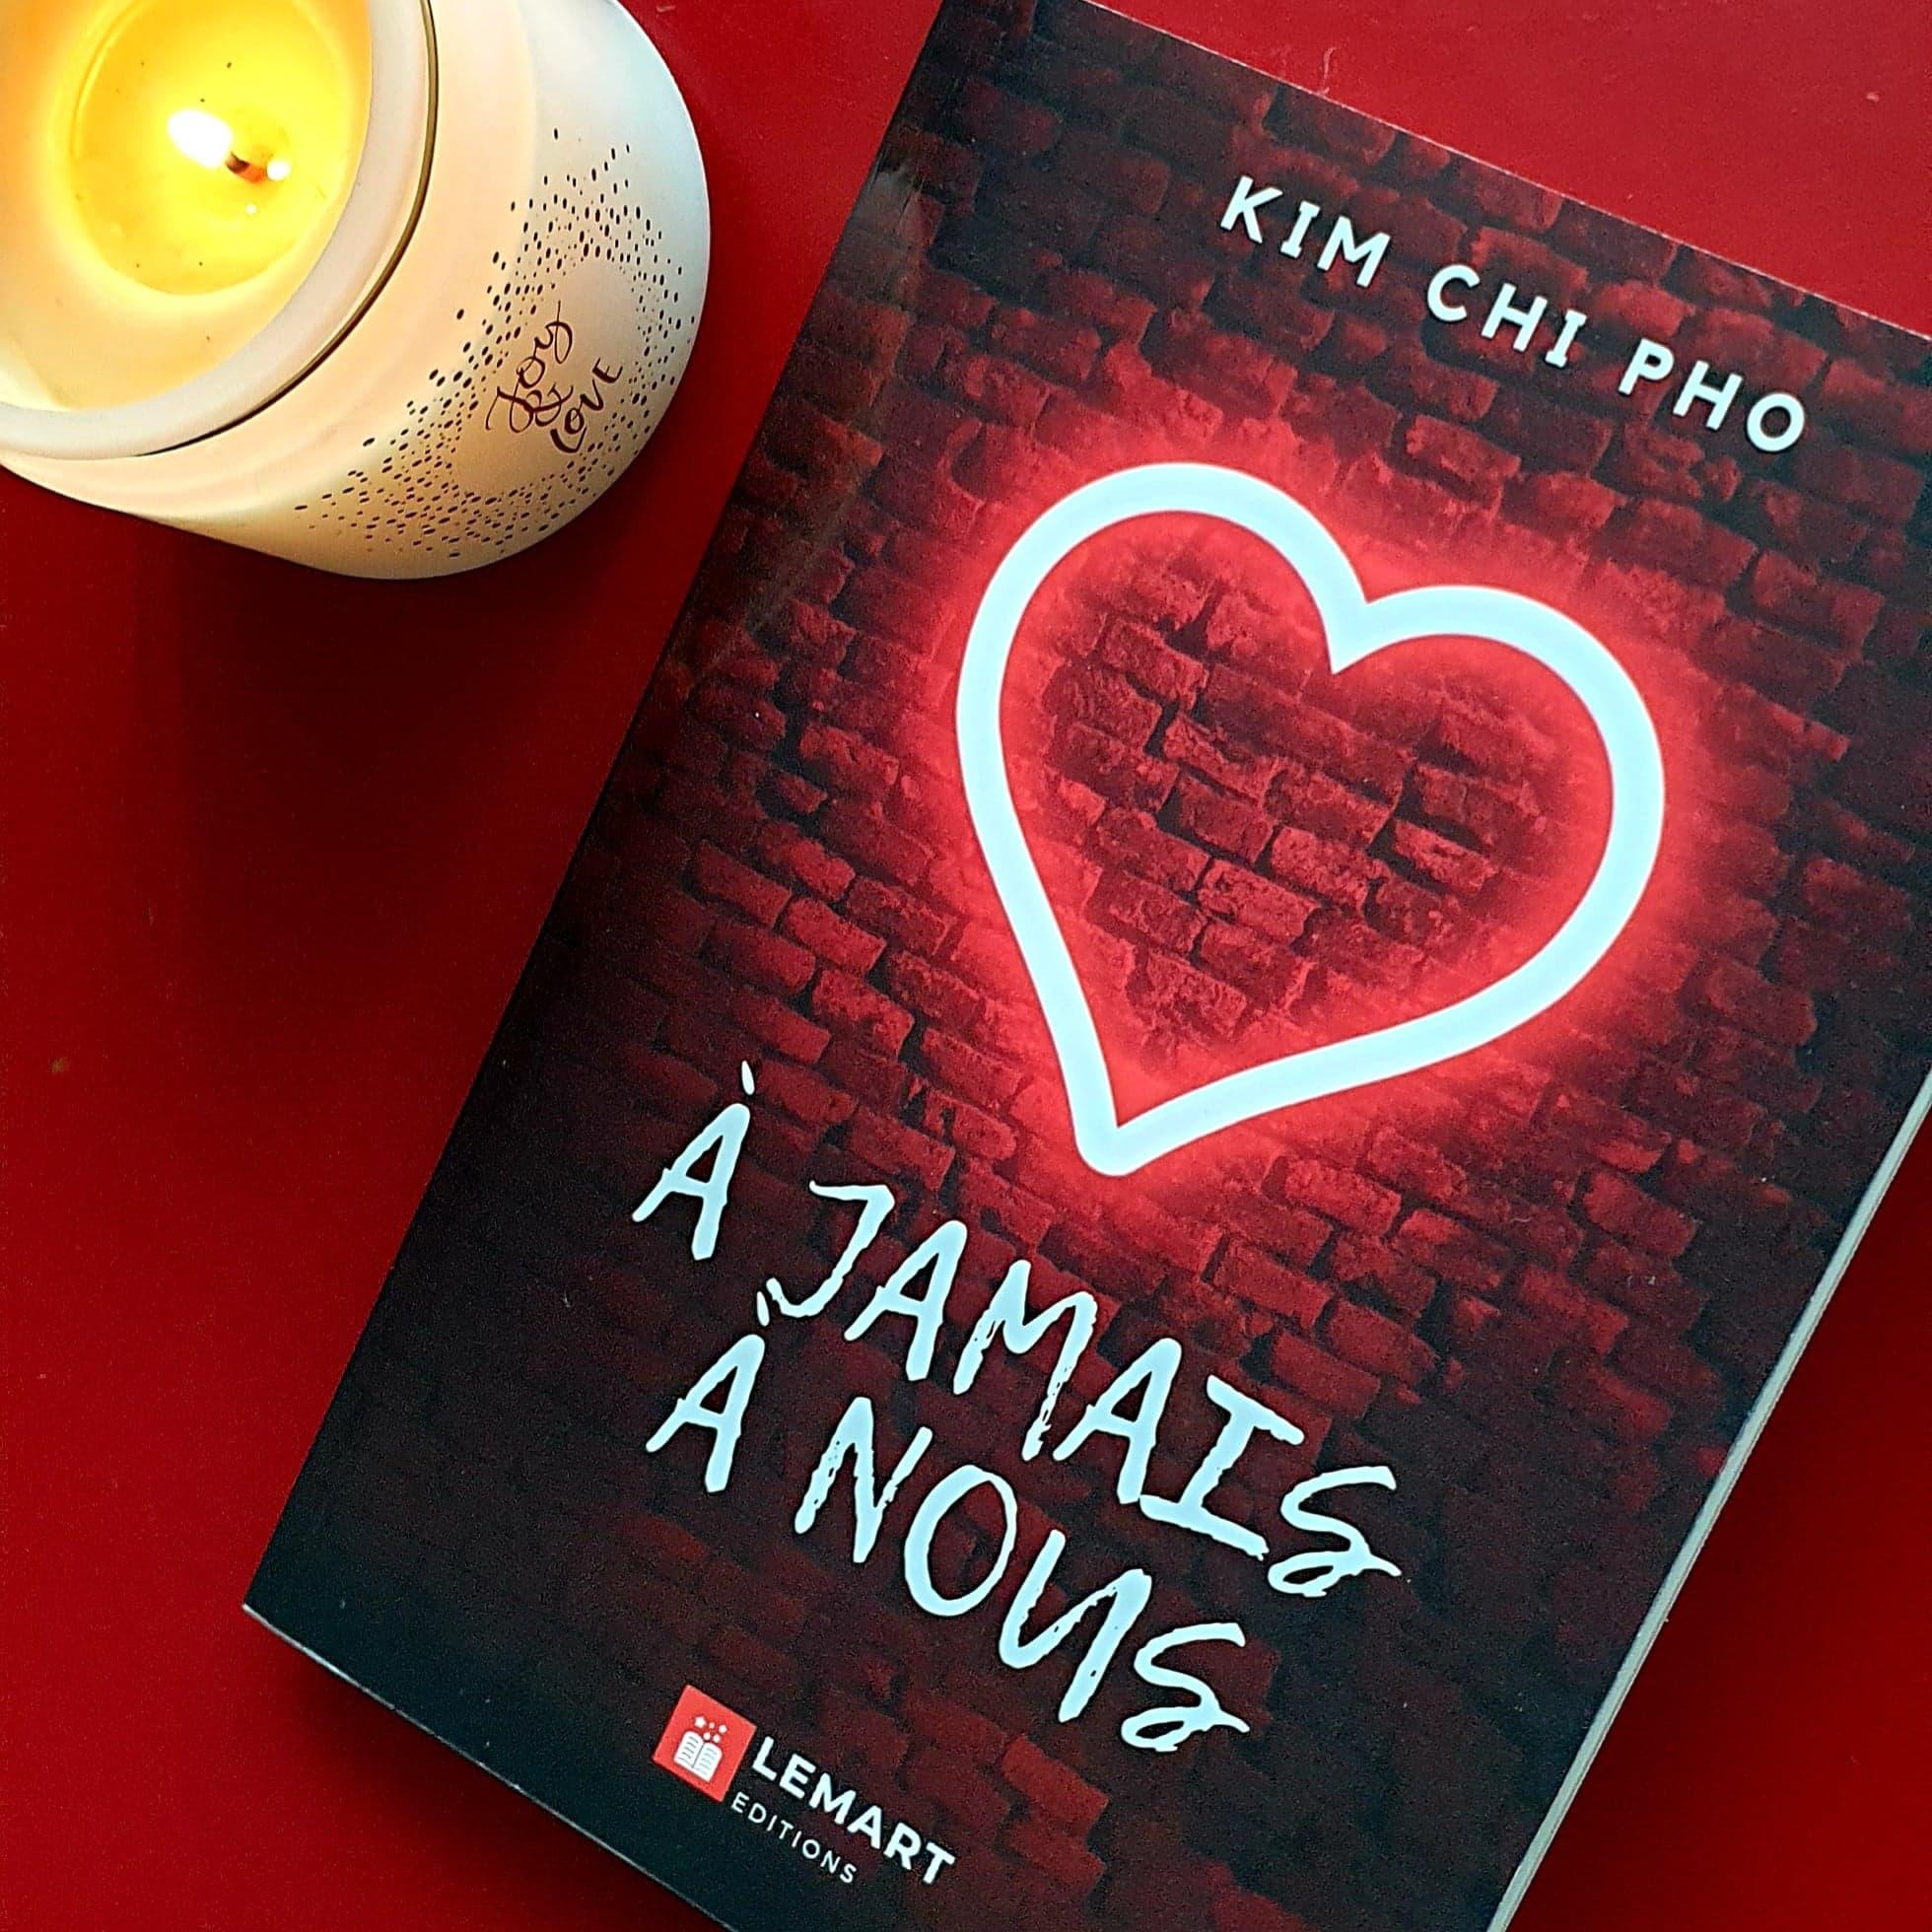 À jamais nous, Kim Chi Pho